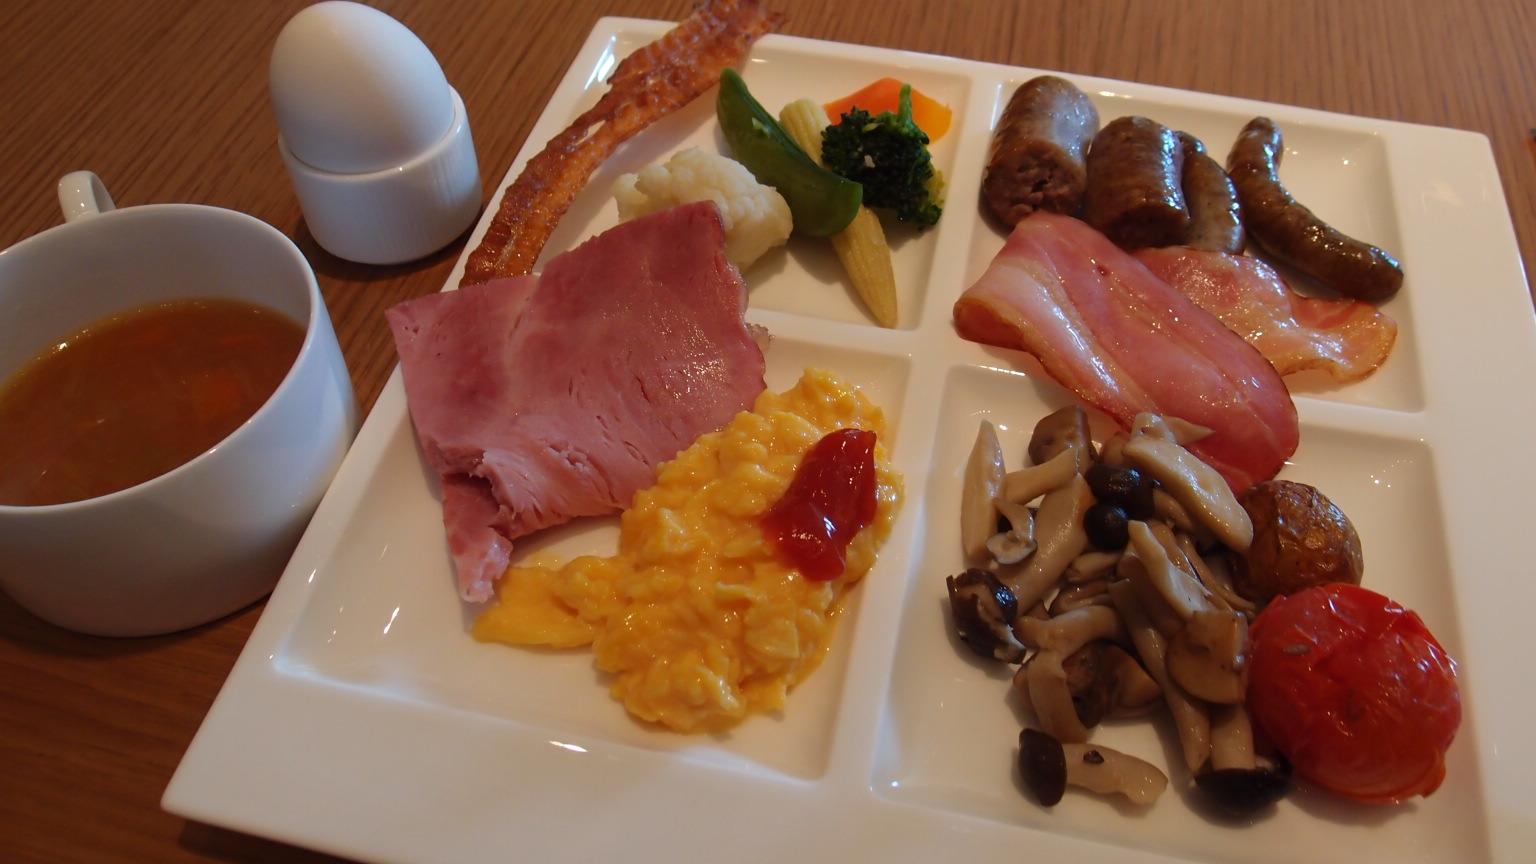 丸の内 グランドキッチン@パレスホテル東京 グランドキッチン・ブレックファスト